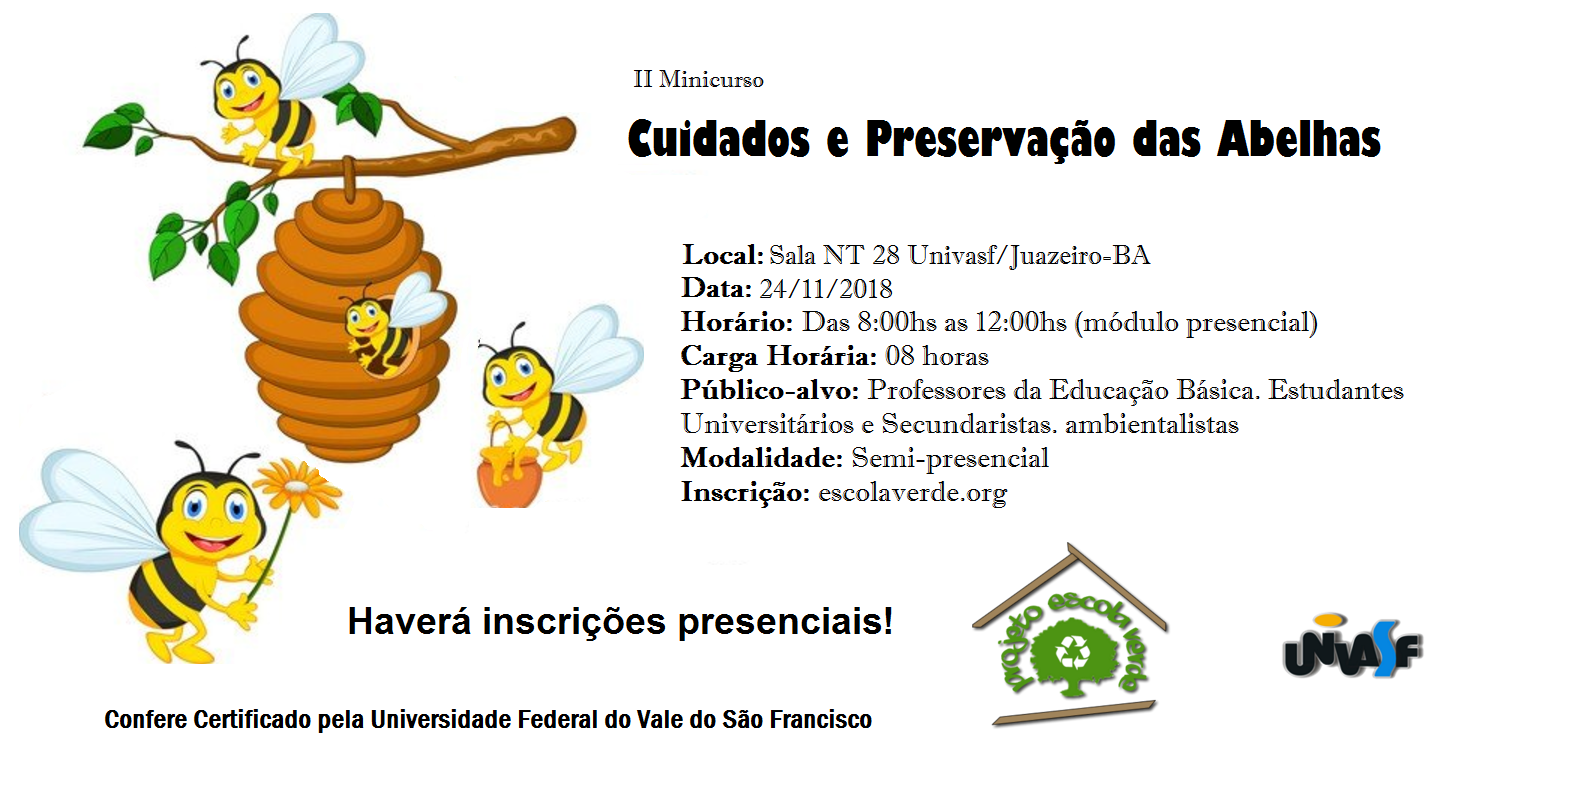 Banner do II Minicurso de Cuidados e Preservação das Abelhas